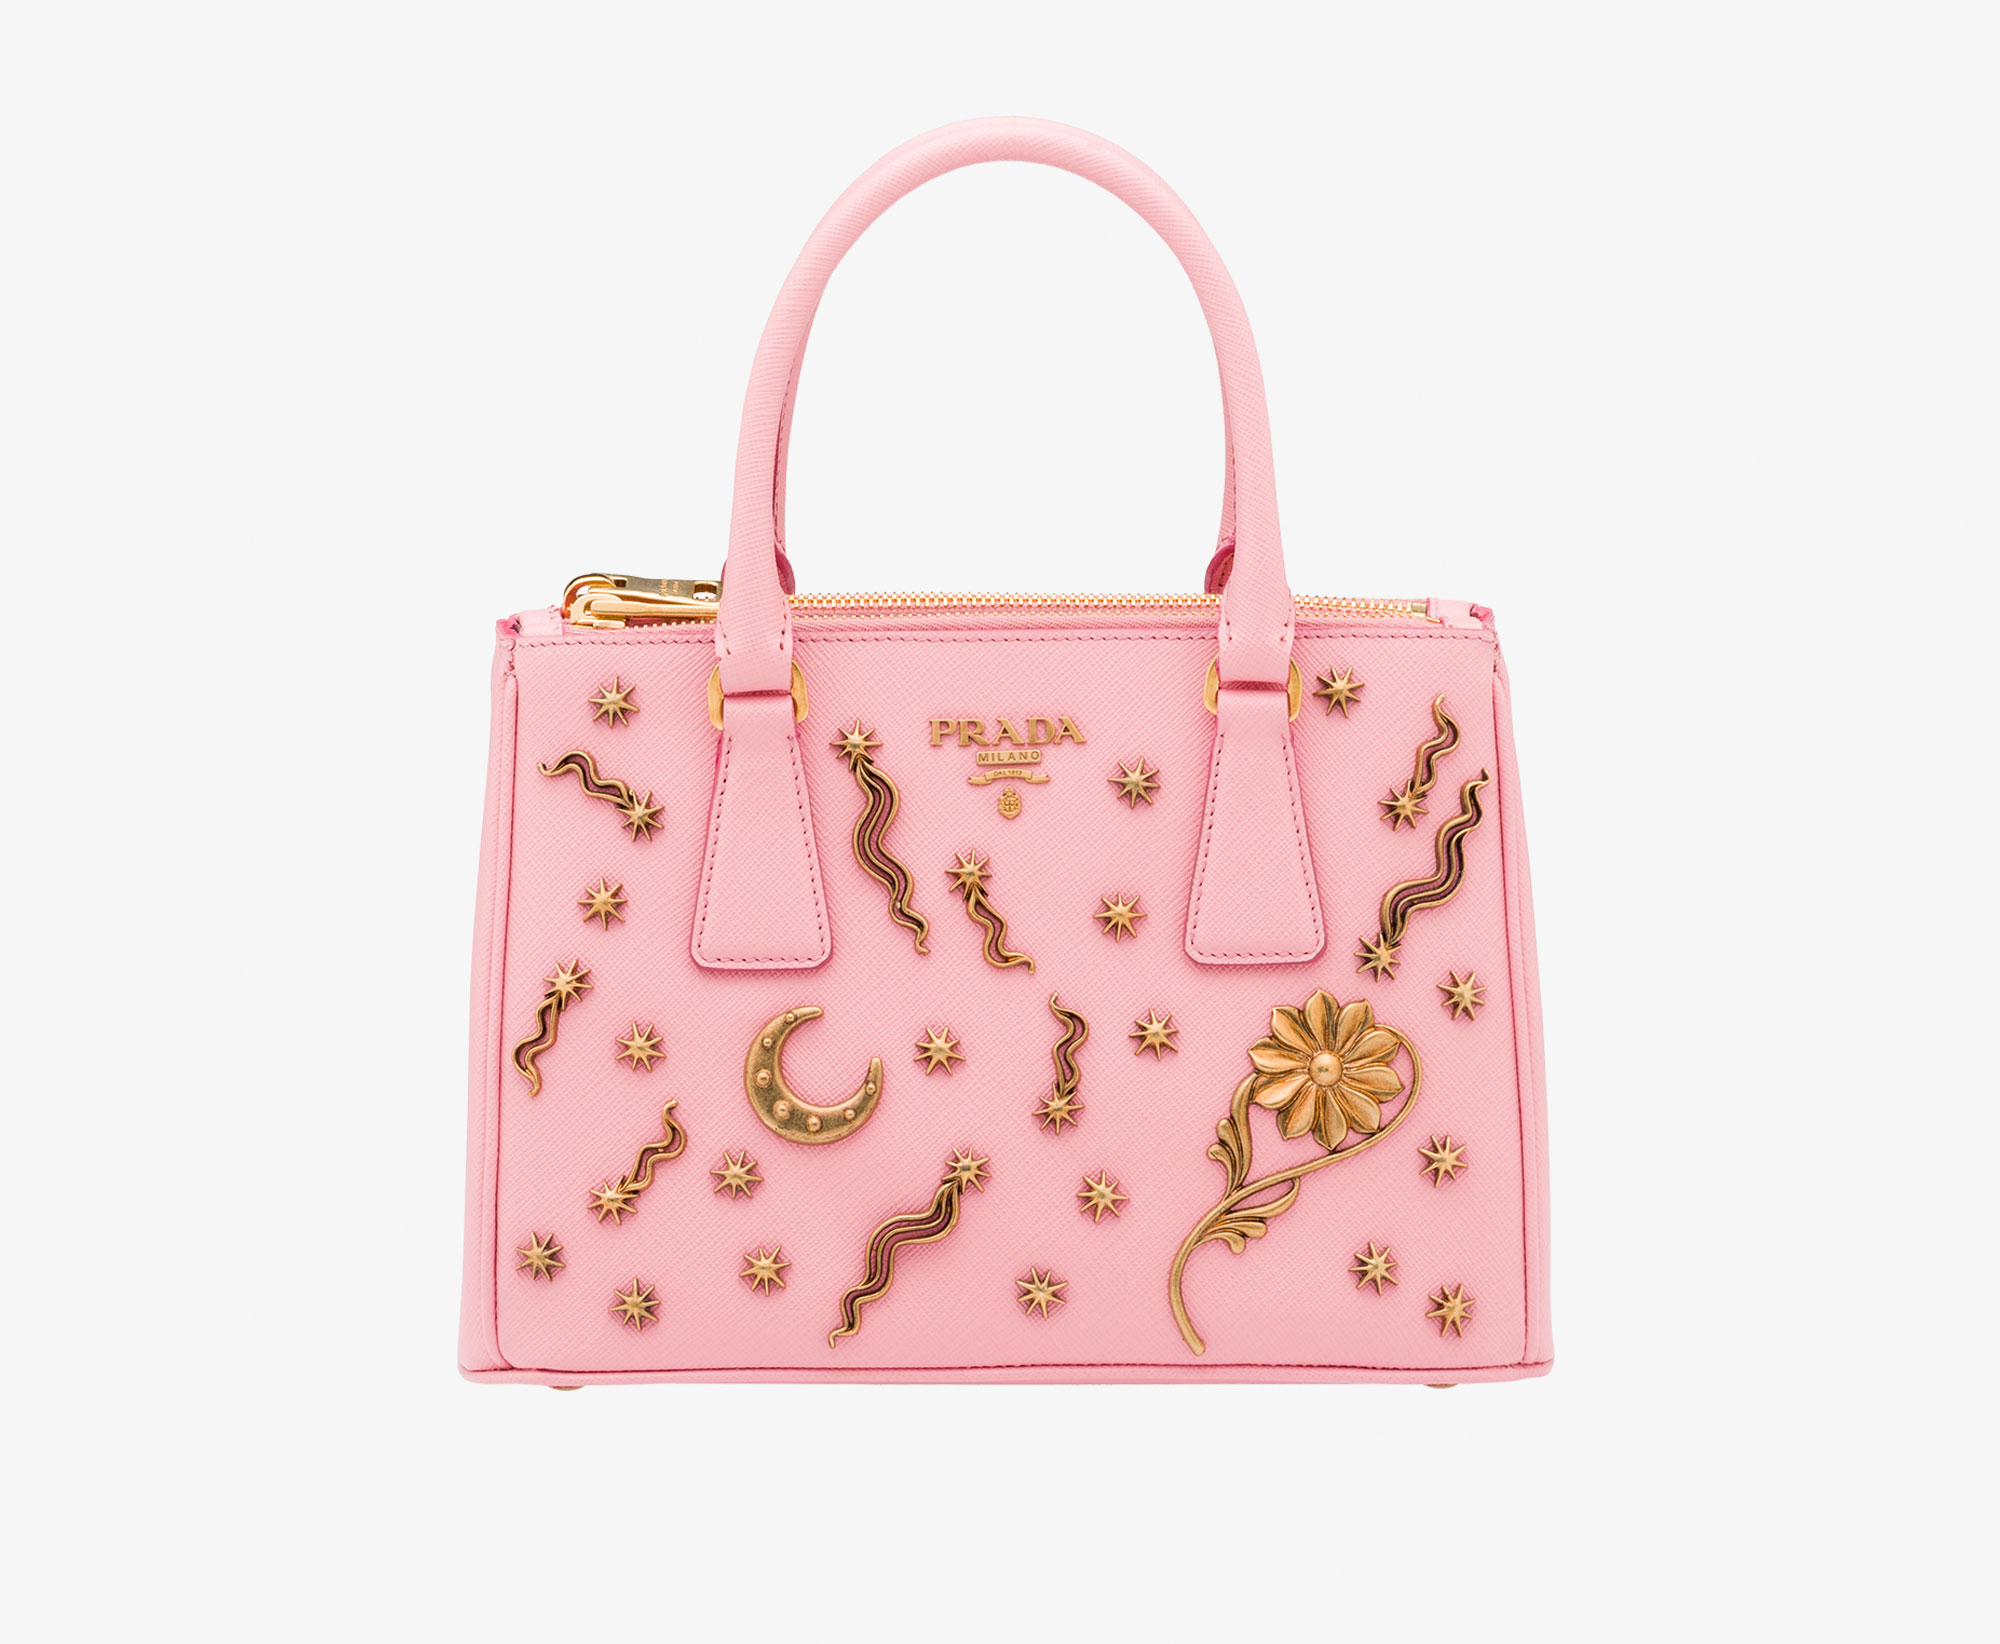 Prada Bag Pink